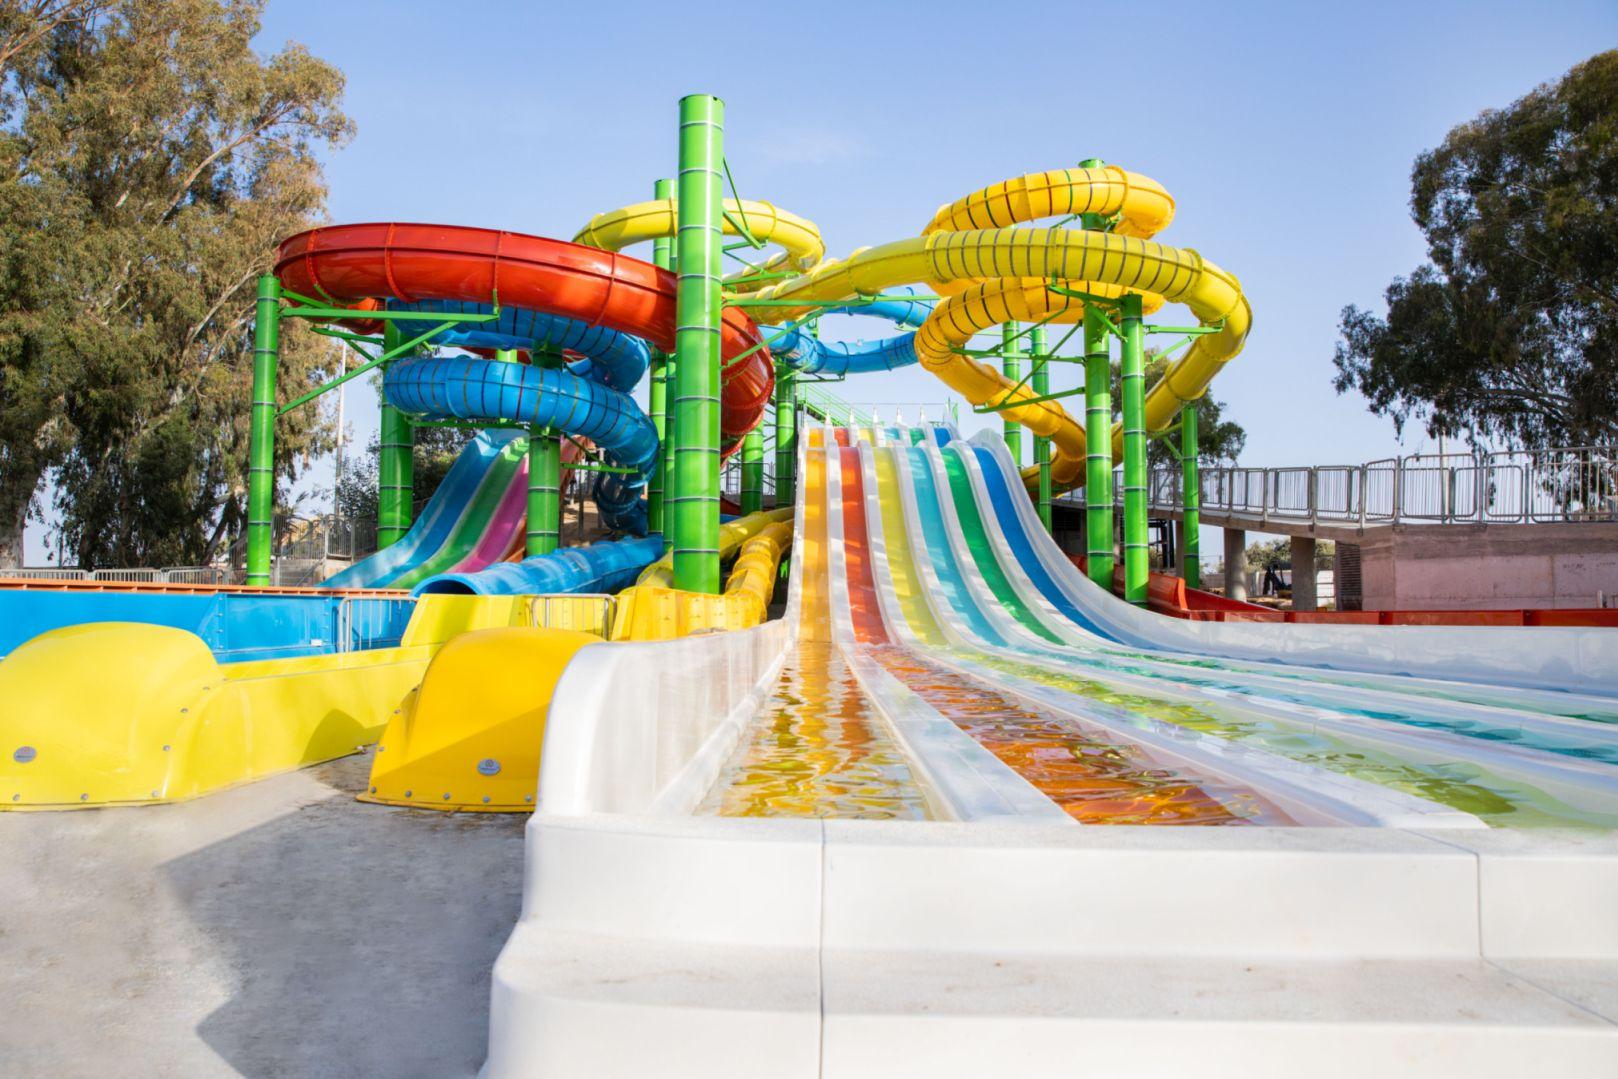 מתחם המגלשות החדש בפארק המים שפיים (צילום: מיטל דור)